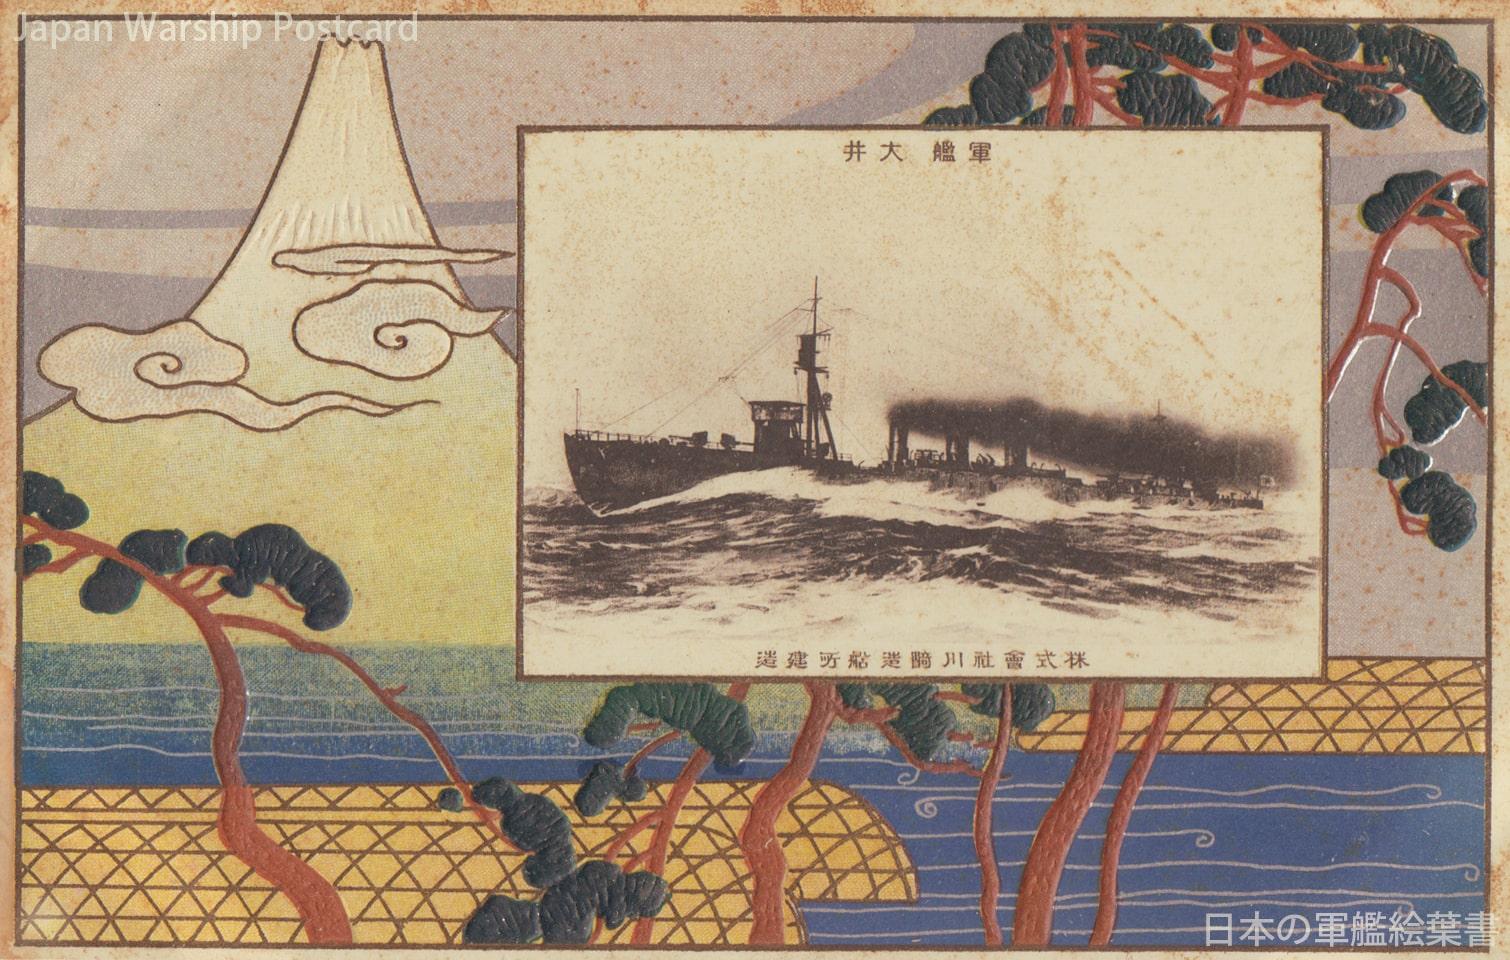 球磨型軽巡洋艦「大井」